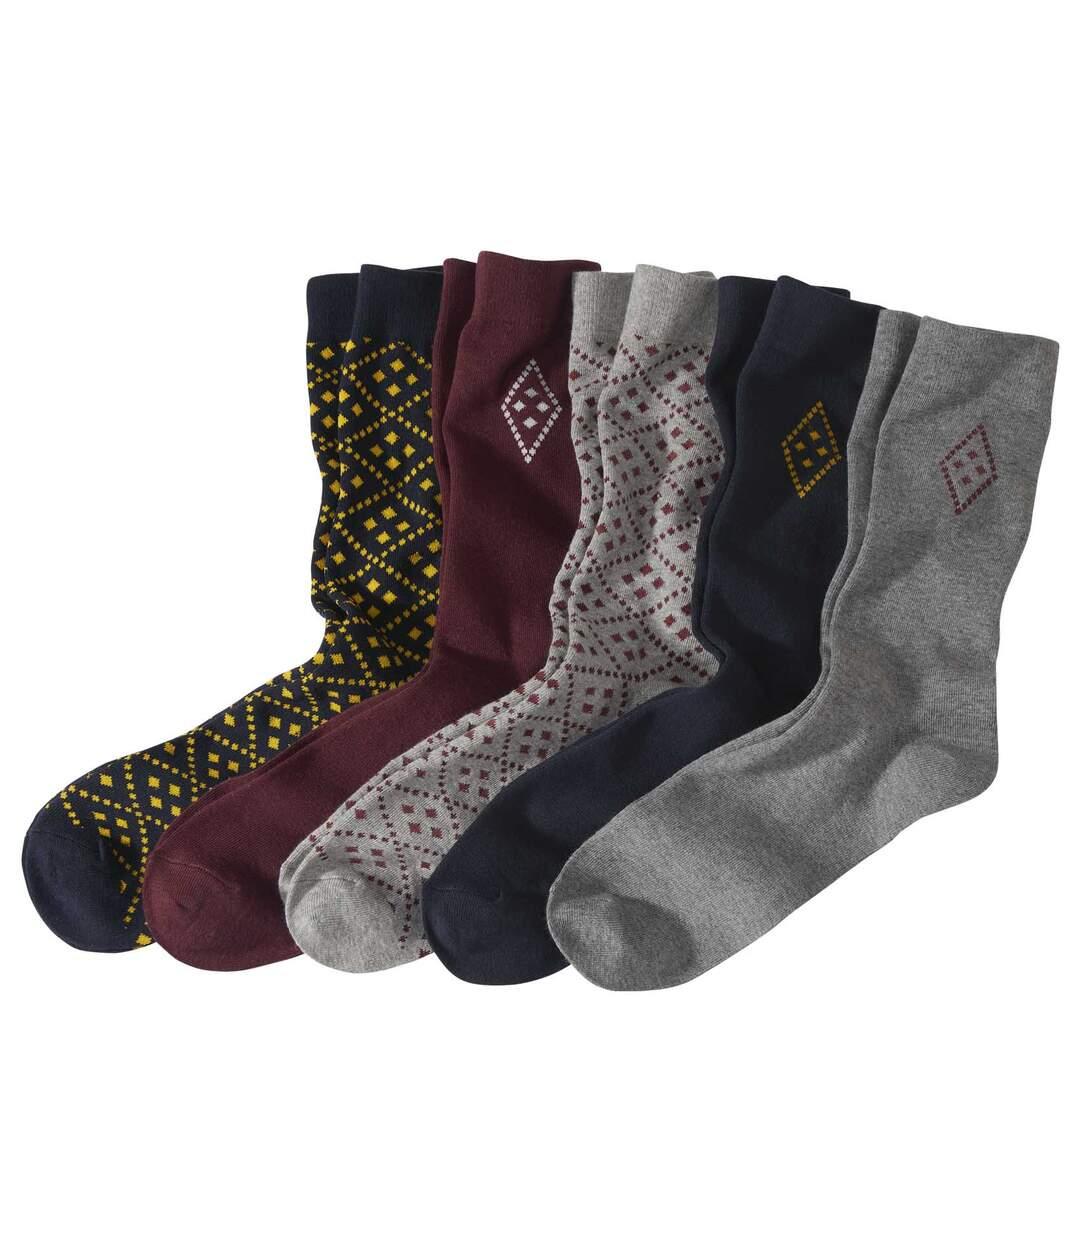 Sada 5 párů barevných ponožek